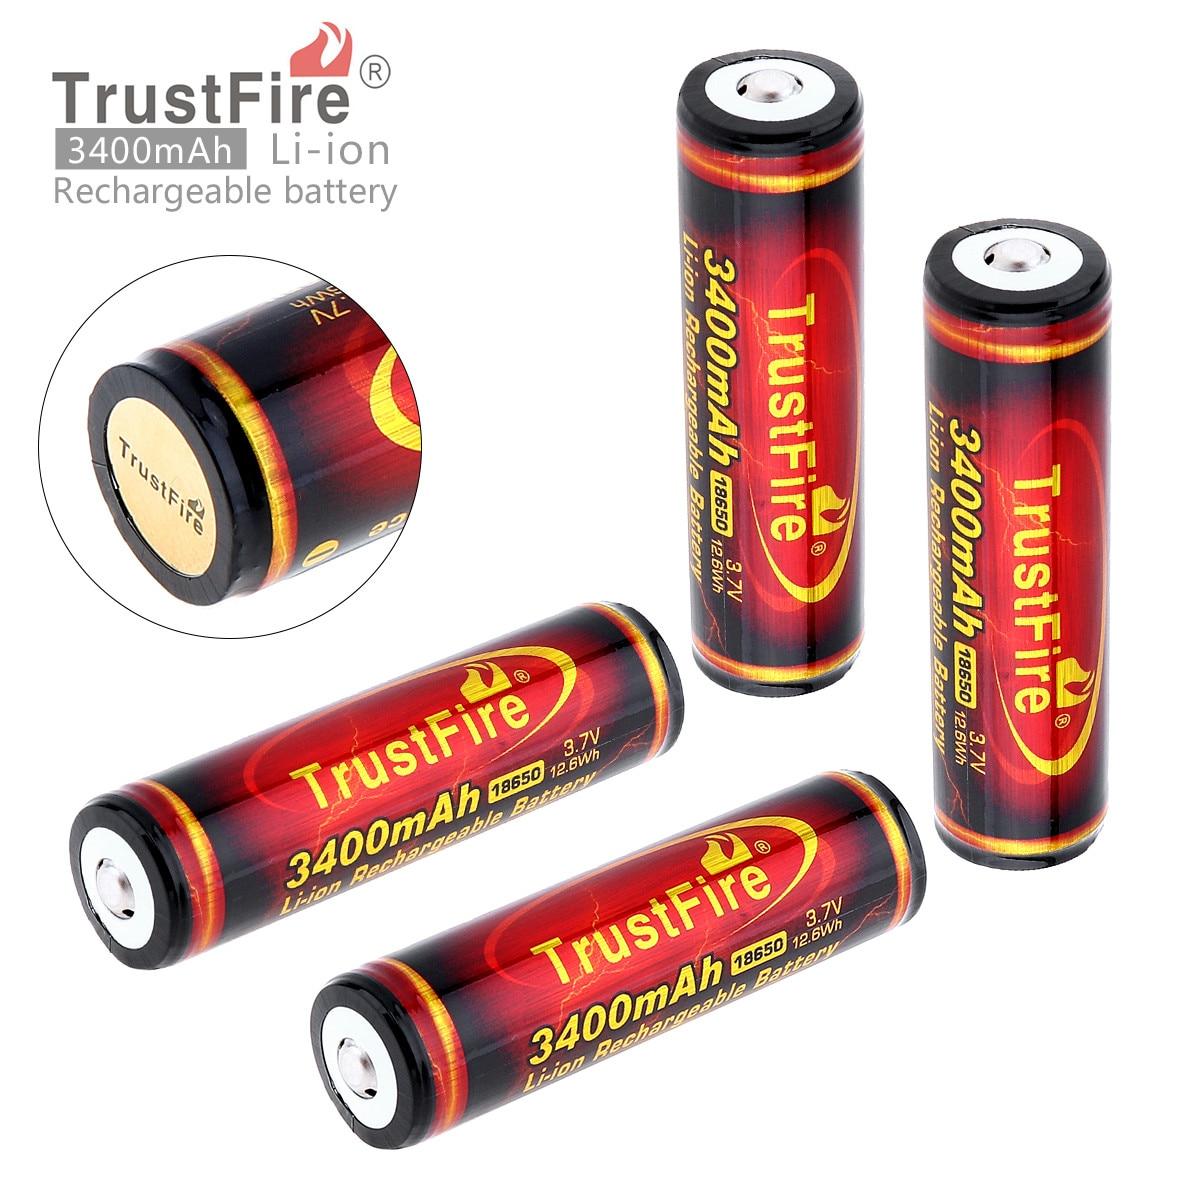 4pcs TrustFire 3.7 18650 V Bateria De Alta Capacidade 3400mAh Li-ion Recarregável com PCB Protegido para Lanterna Farol